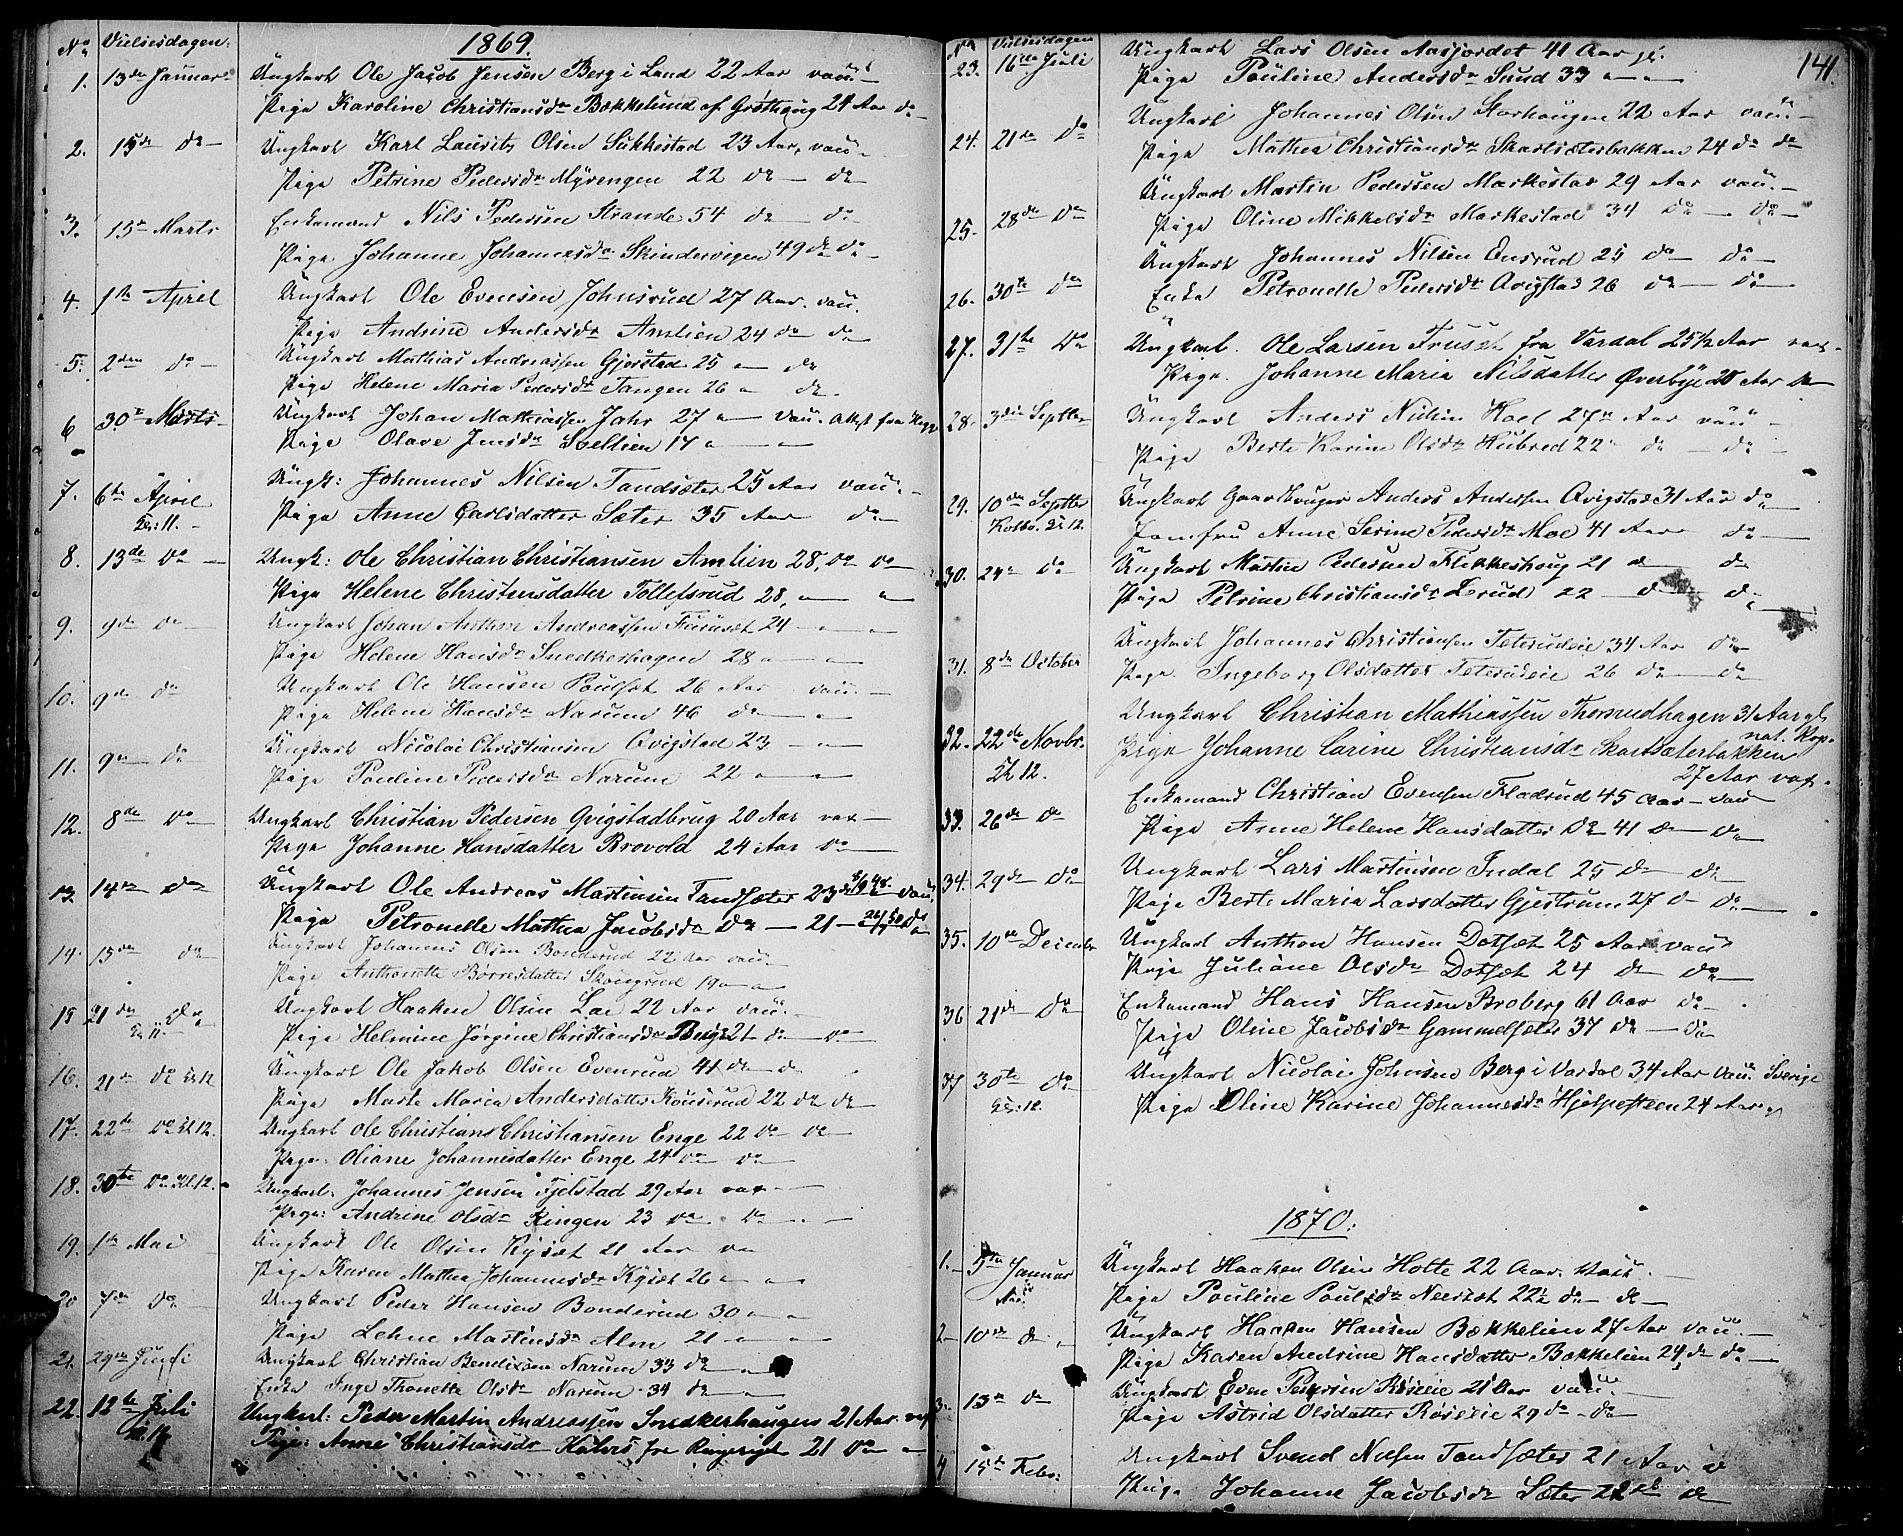 SAH, Vestre Toten prestekontor, H/Ha/Hab/L0005: Klokkerbok nr. 5, 1854-1870, s. 141